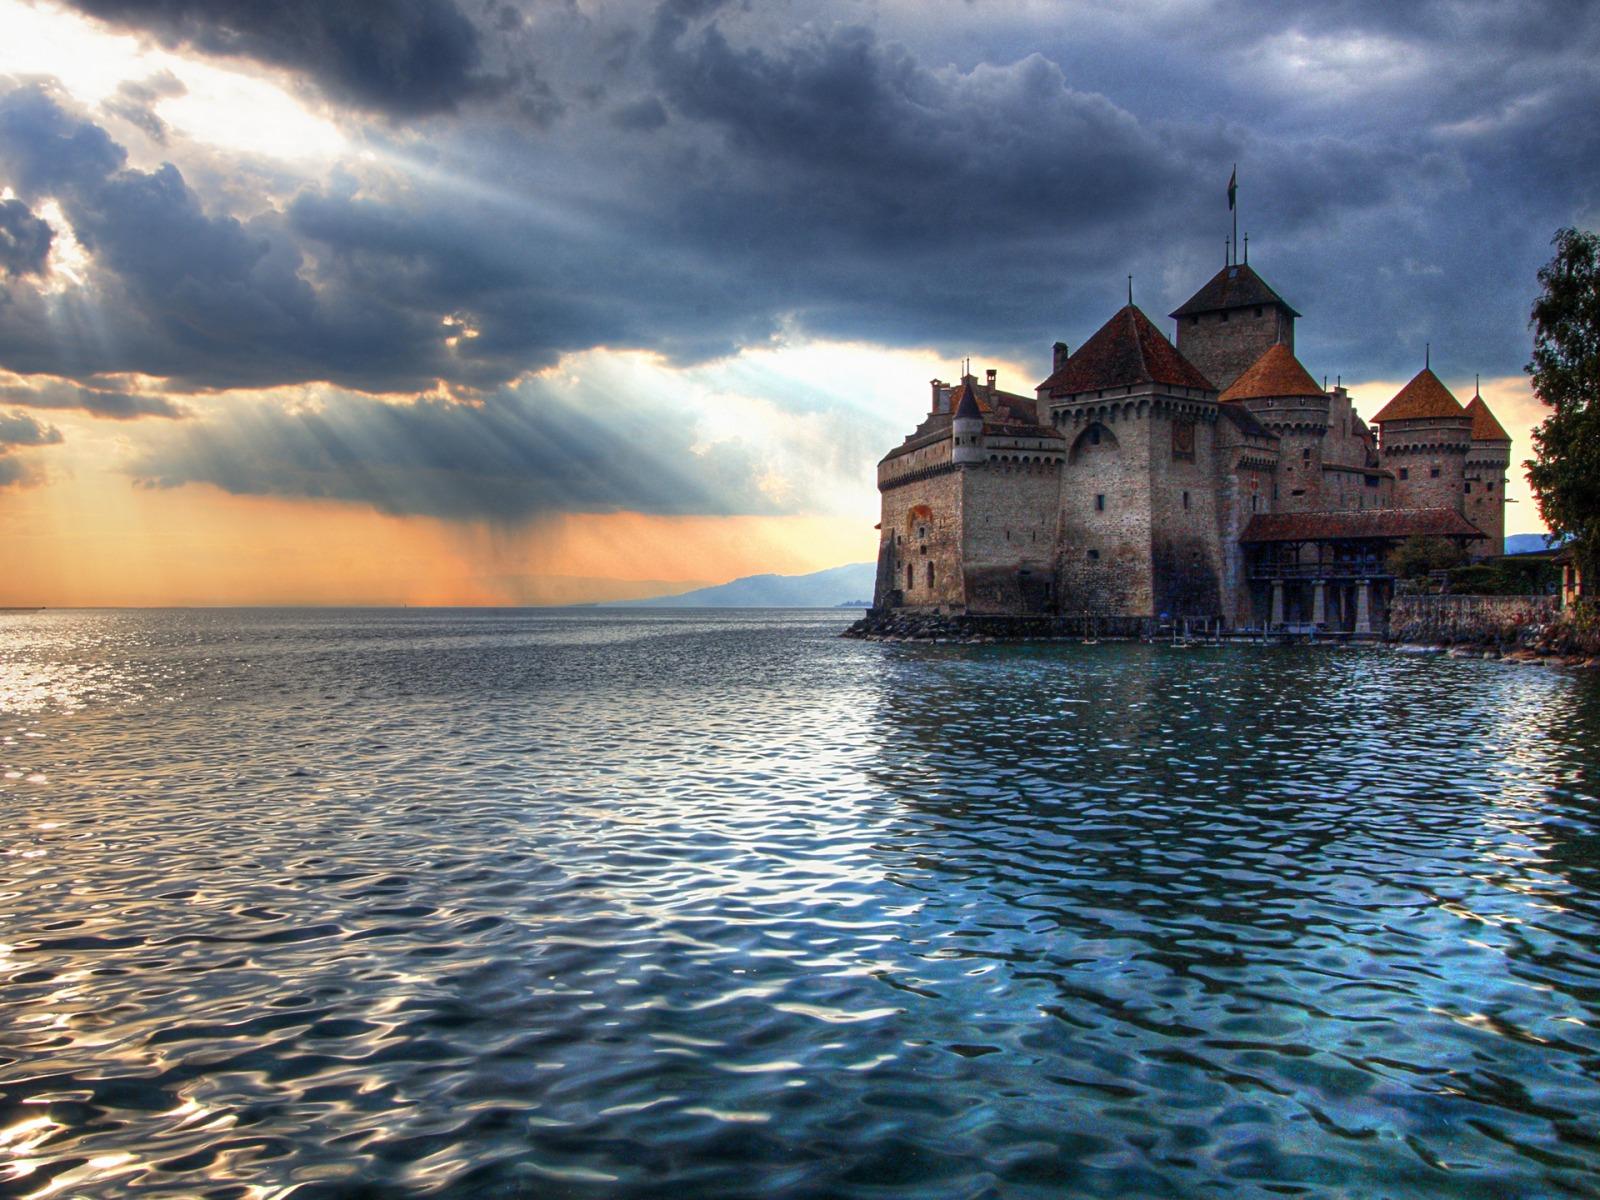 Fond D Ecran Chateau Fort Sur L Eau Wallpaper